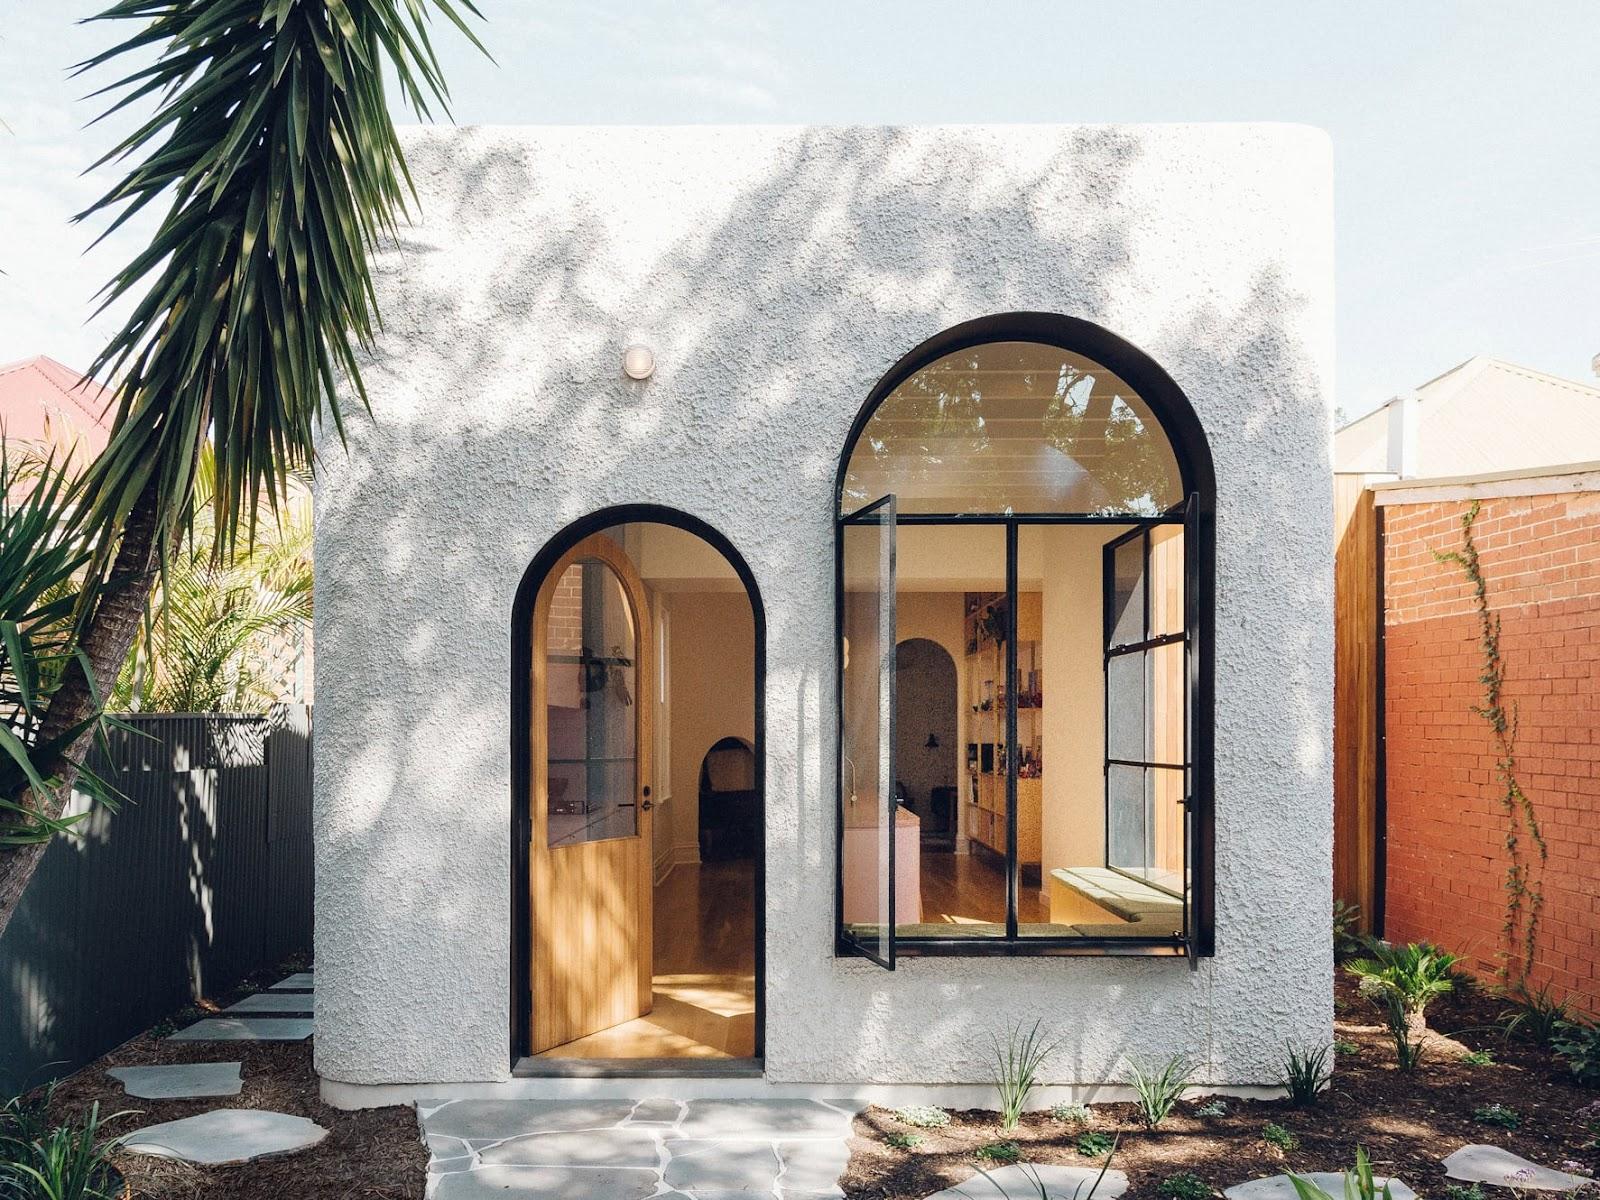 Sơn hiệu ứng Waldo-Stucco ứng dụng phong cách Địa Trung Hải